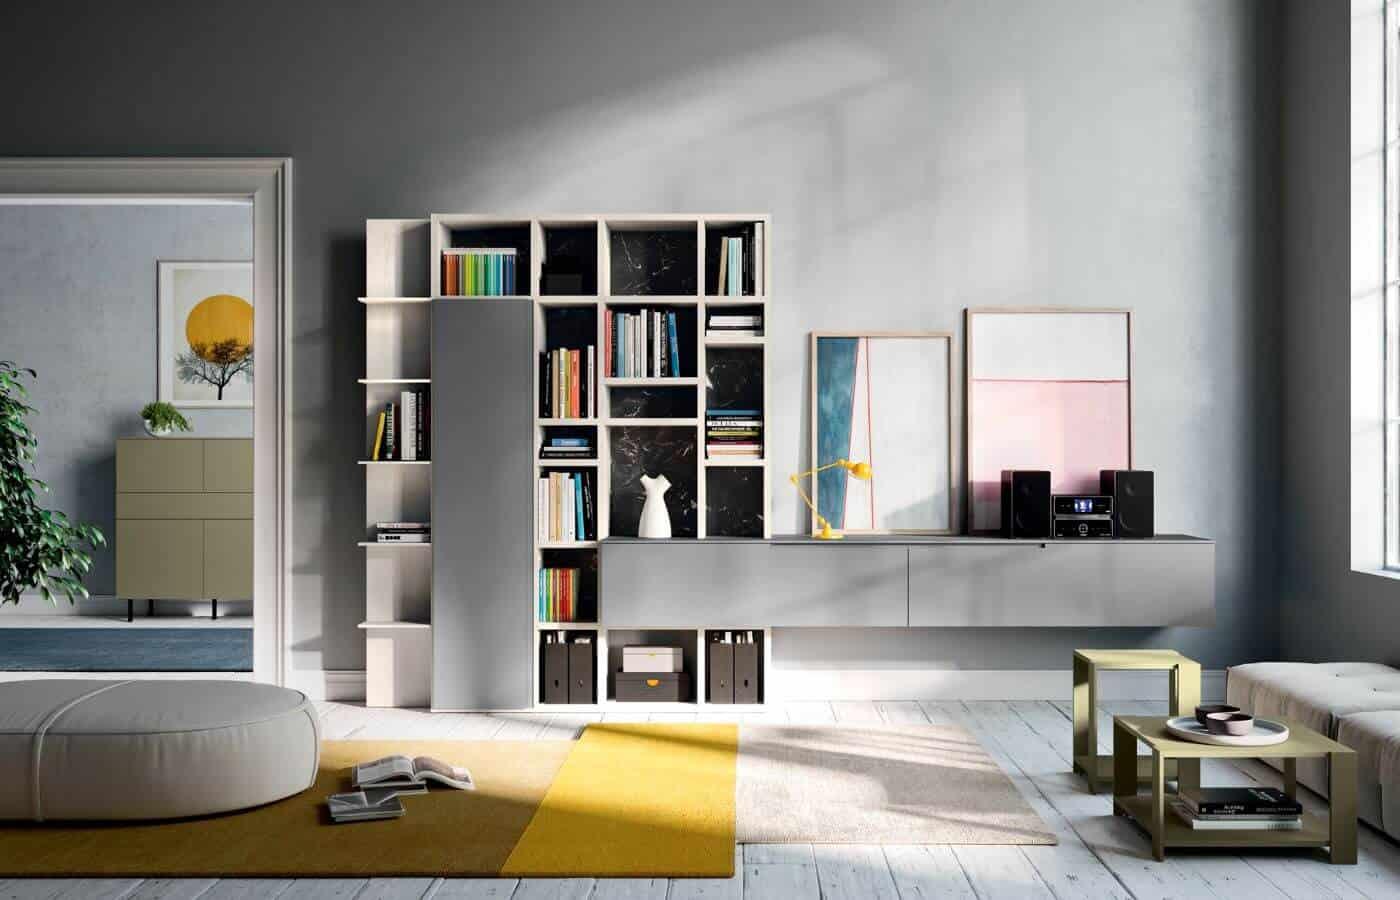 zona-giorno-librerie-collezione-giunone-il-mobile (2)